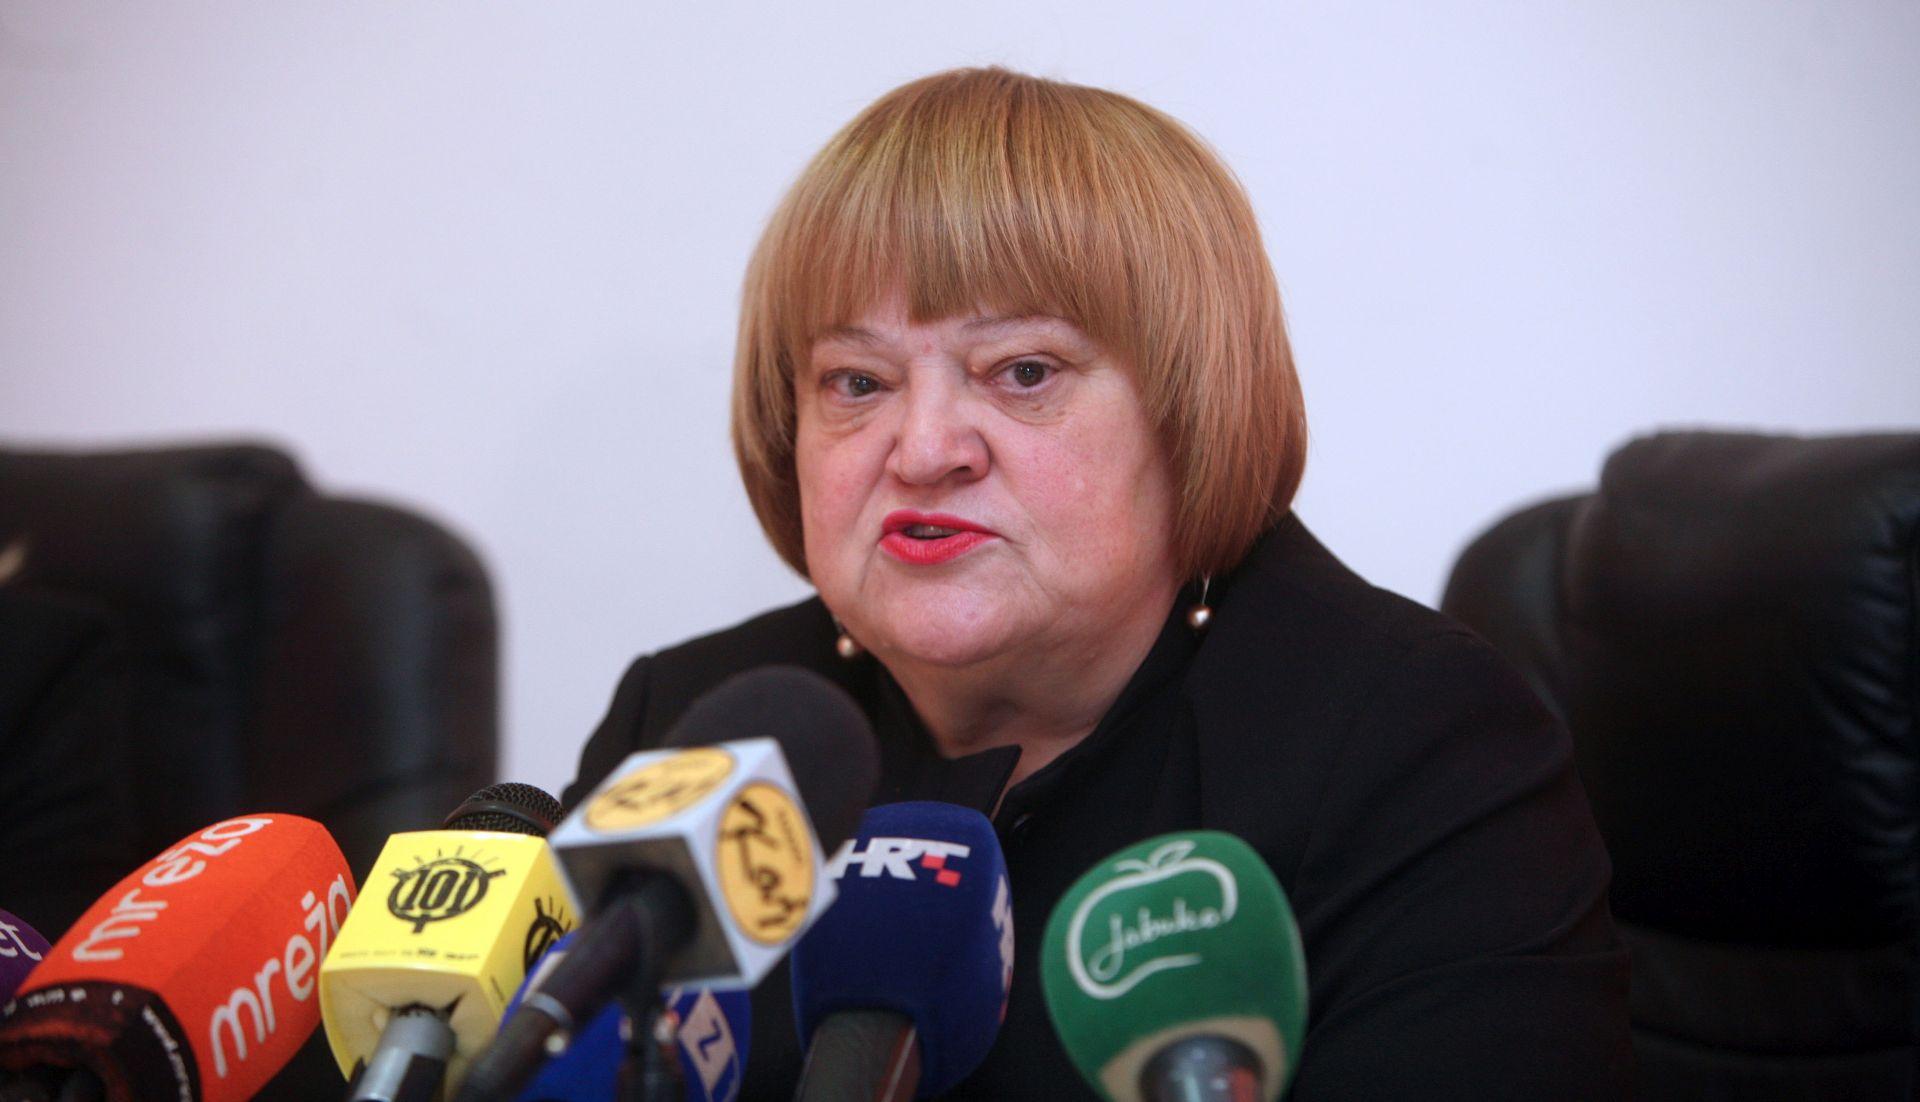 Mrak-Taritaš: Ne otklanjam mogućnost da se kandidiram za predsjednicu HNS-a